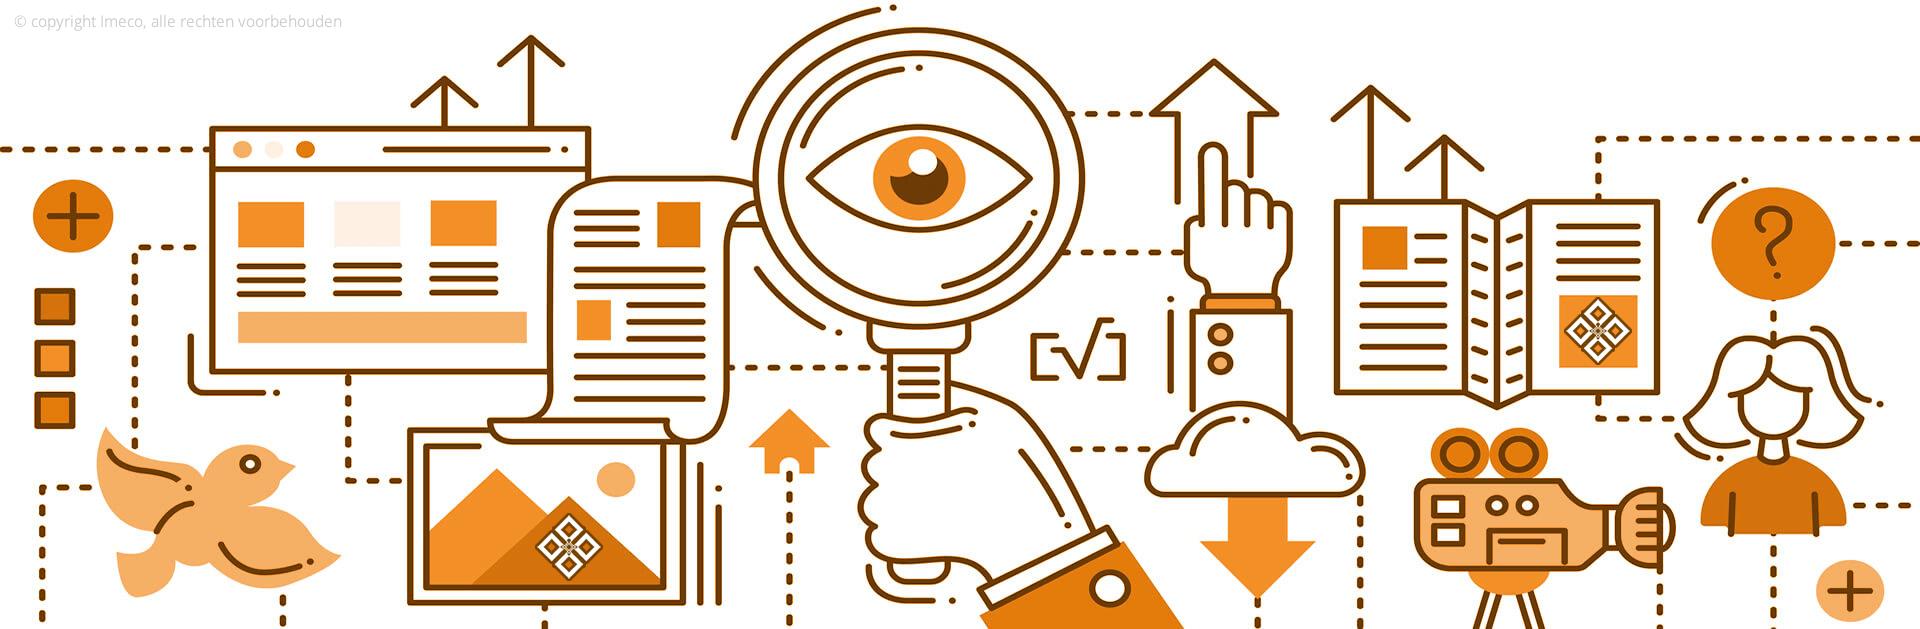 De balans van zoekmachine optimalisatie